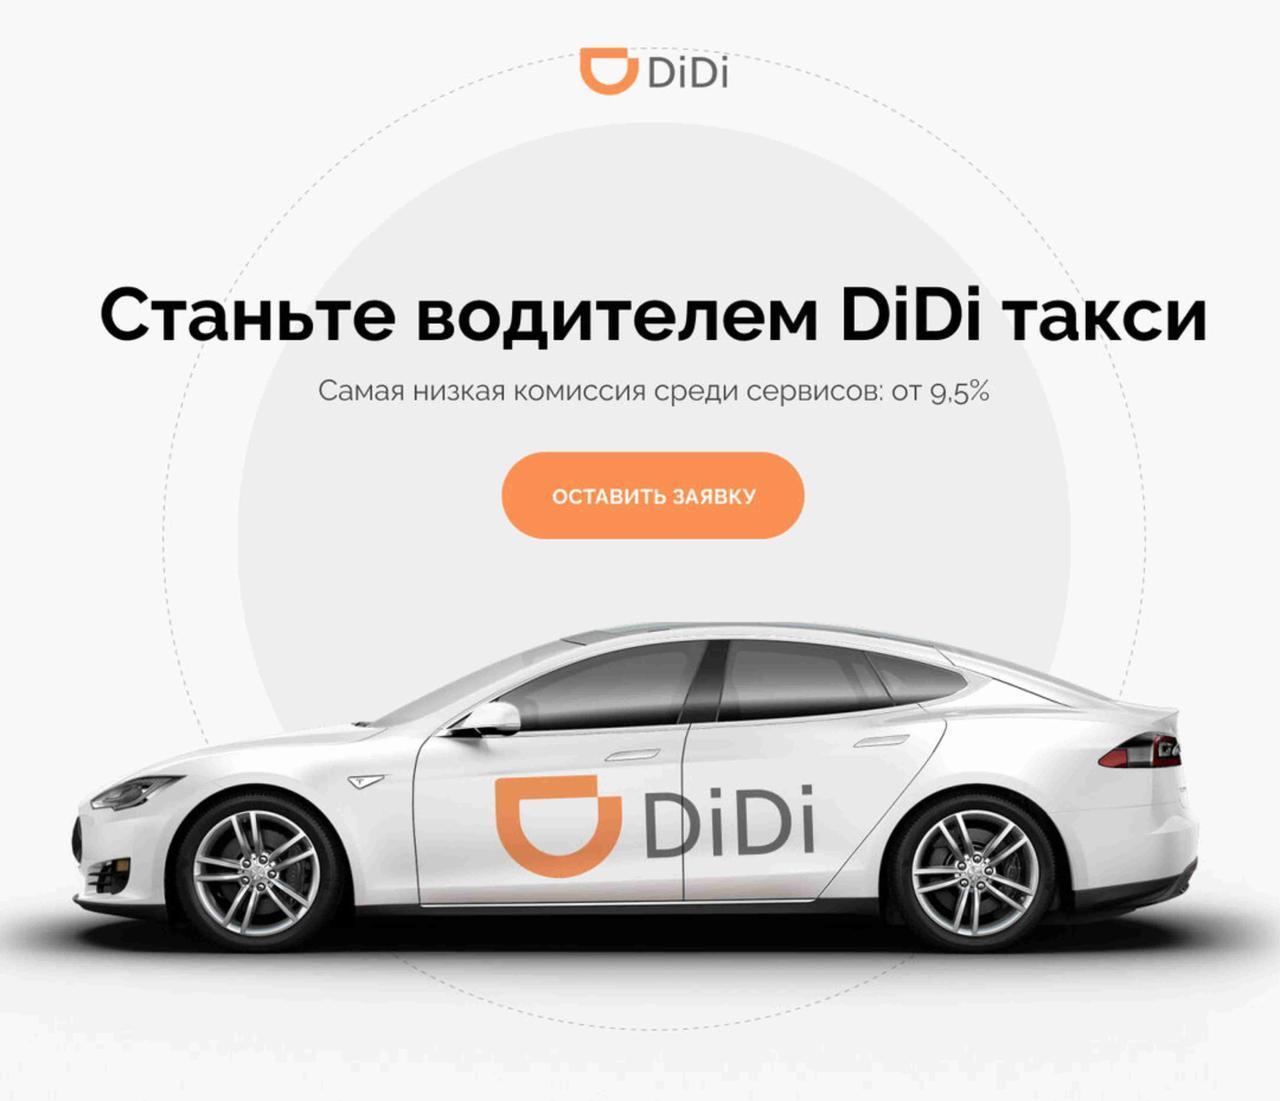 Изменение моих предпочтений вождения DiDi такси онлайн